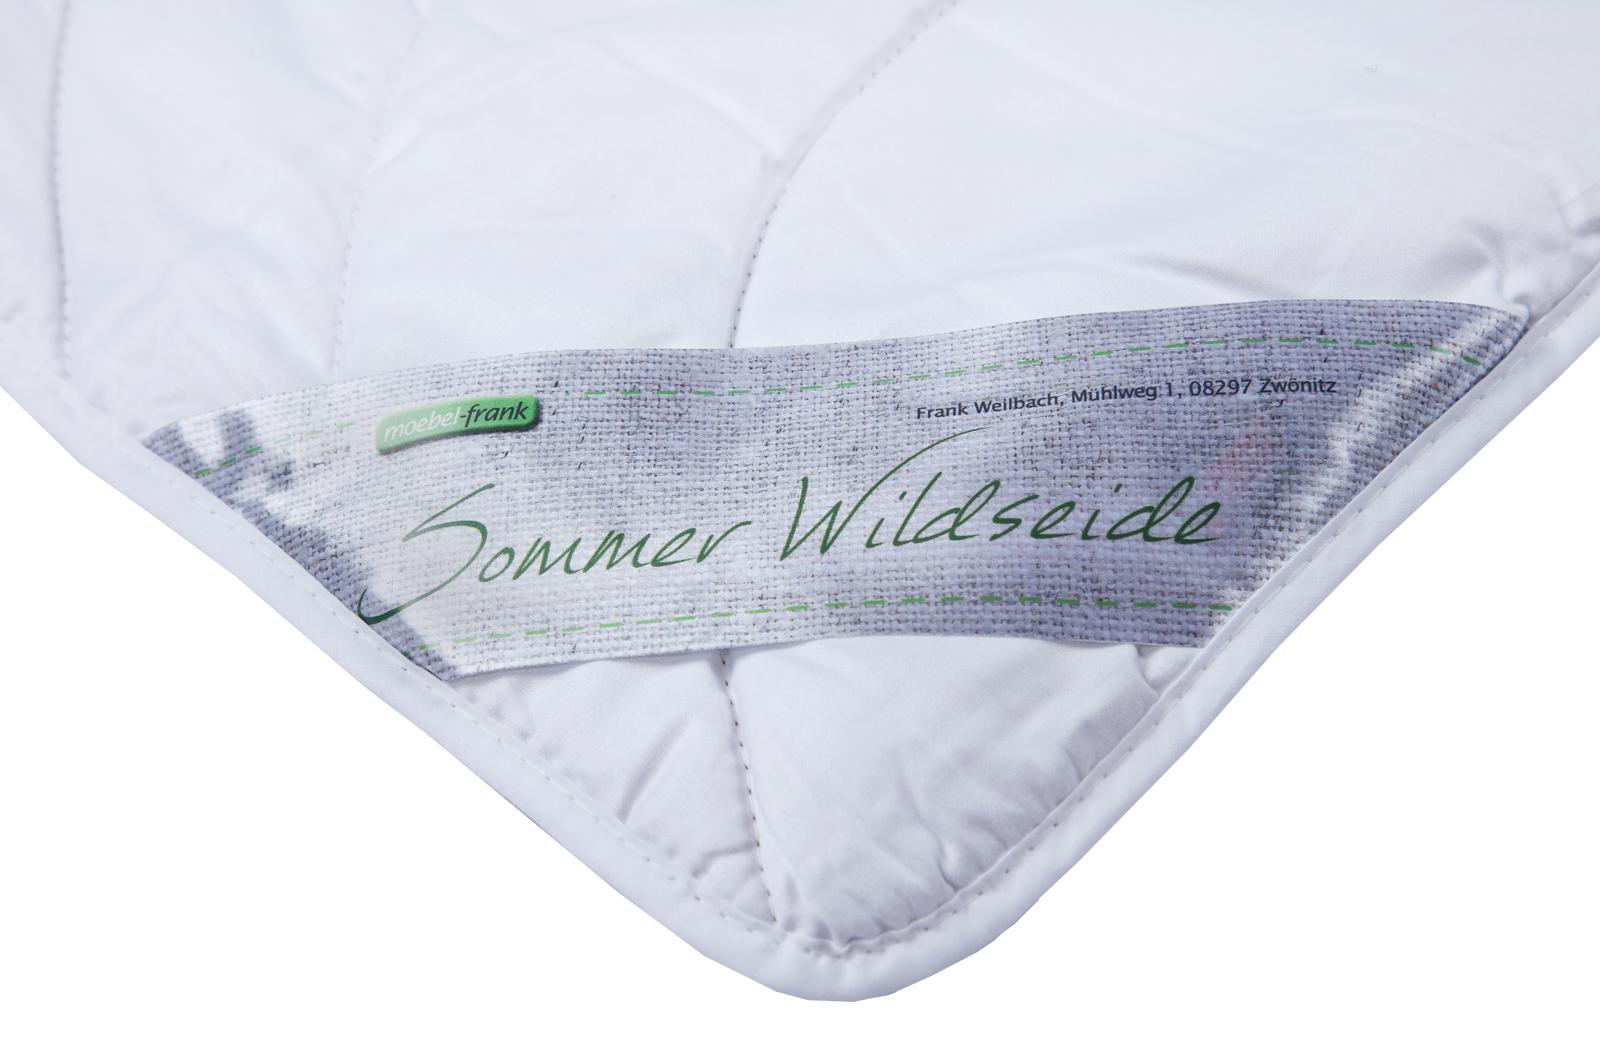 Sommerdecke 100% Wildseide Bezug Edel-Satin Baumwolle Sommer Bettdecken Wiebke – Bild 2